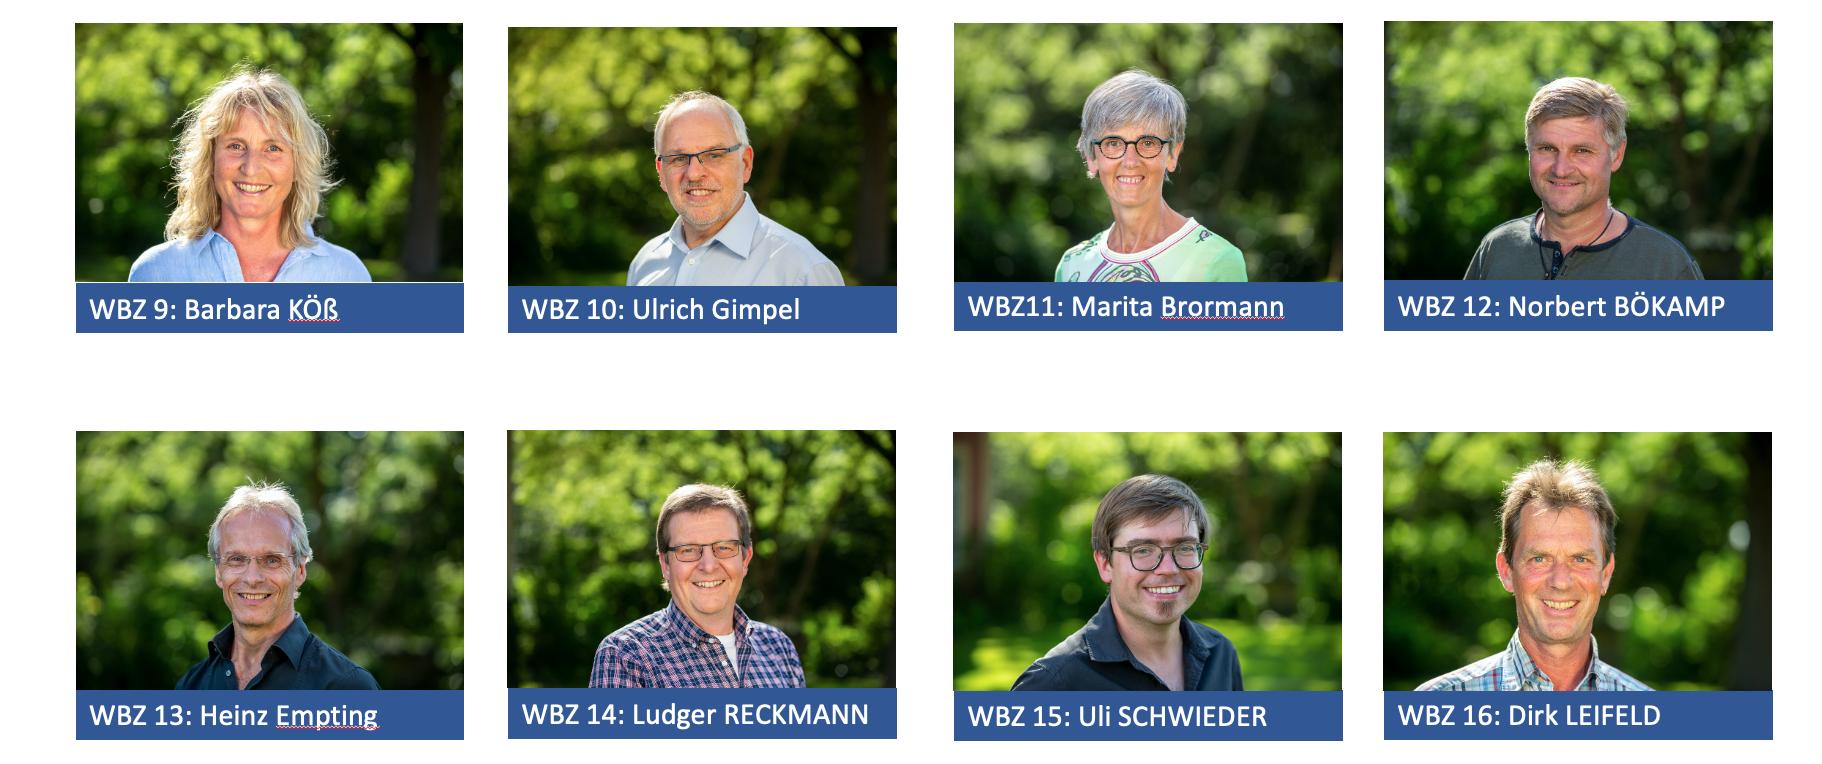 Kandidaten der Wahlbezirke 9 bis 16